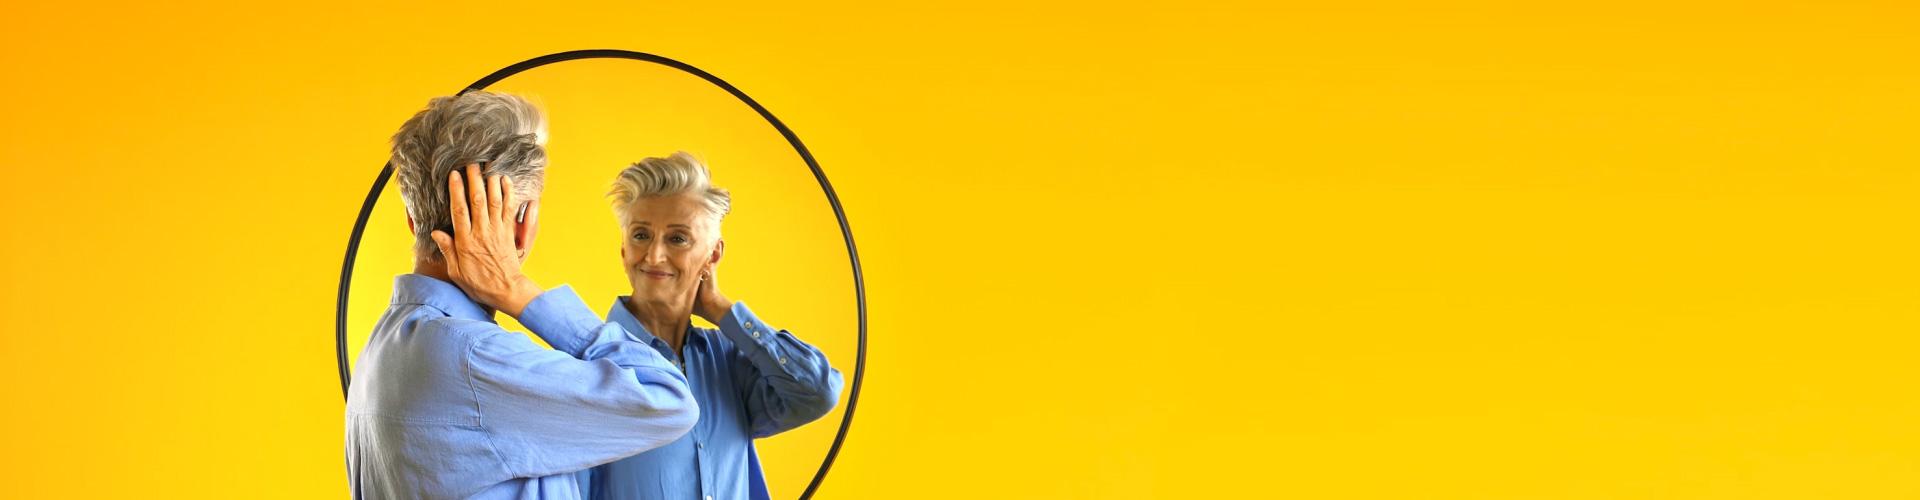 Γυναίκα που φοράει ακουστικά βοηθήματα HearLink και κοιτάζεται ευτυχής στον καθρέφτη